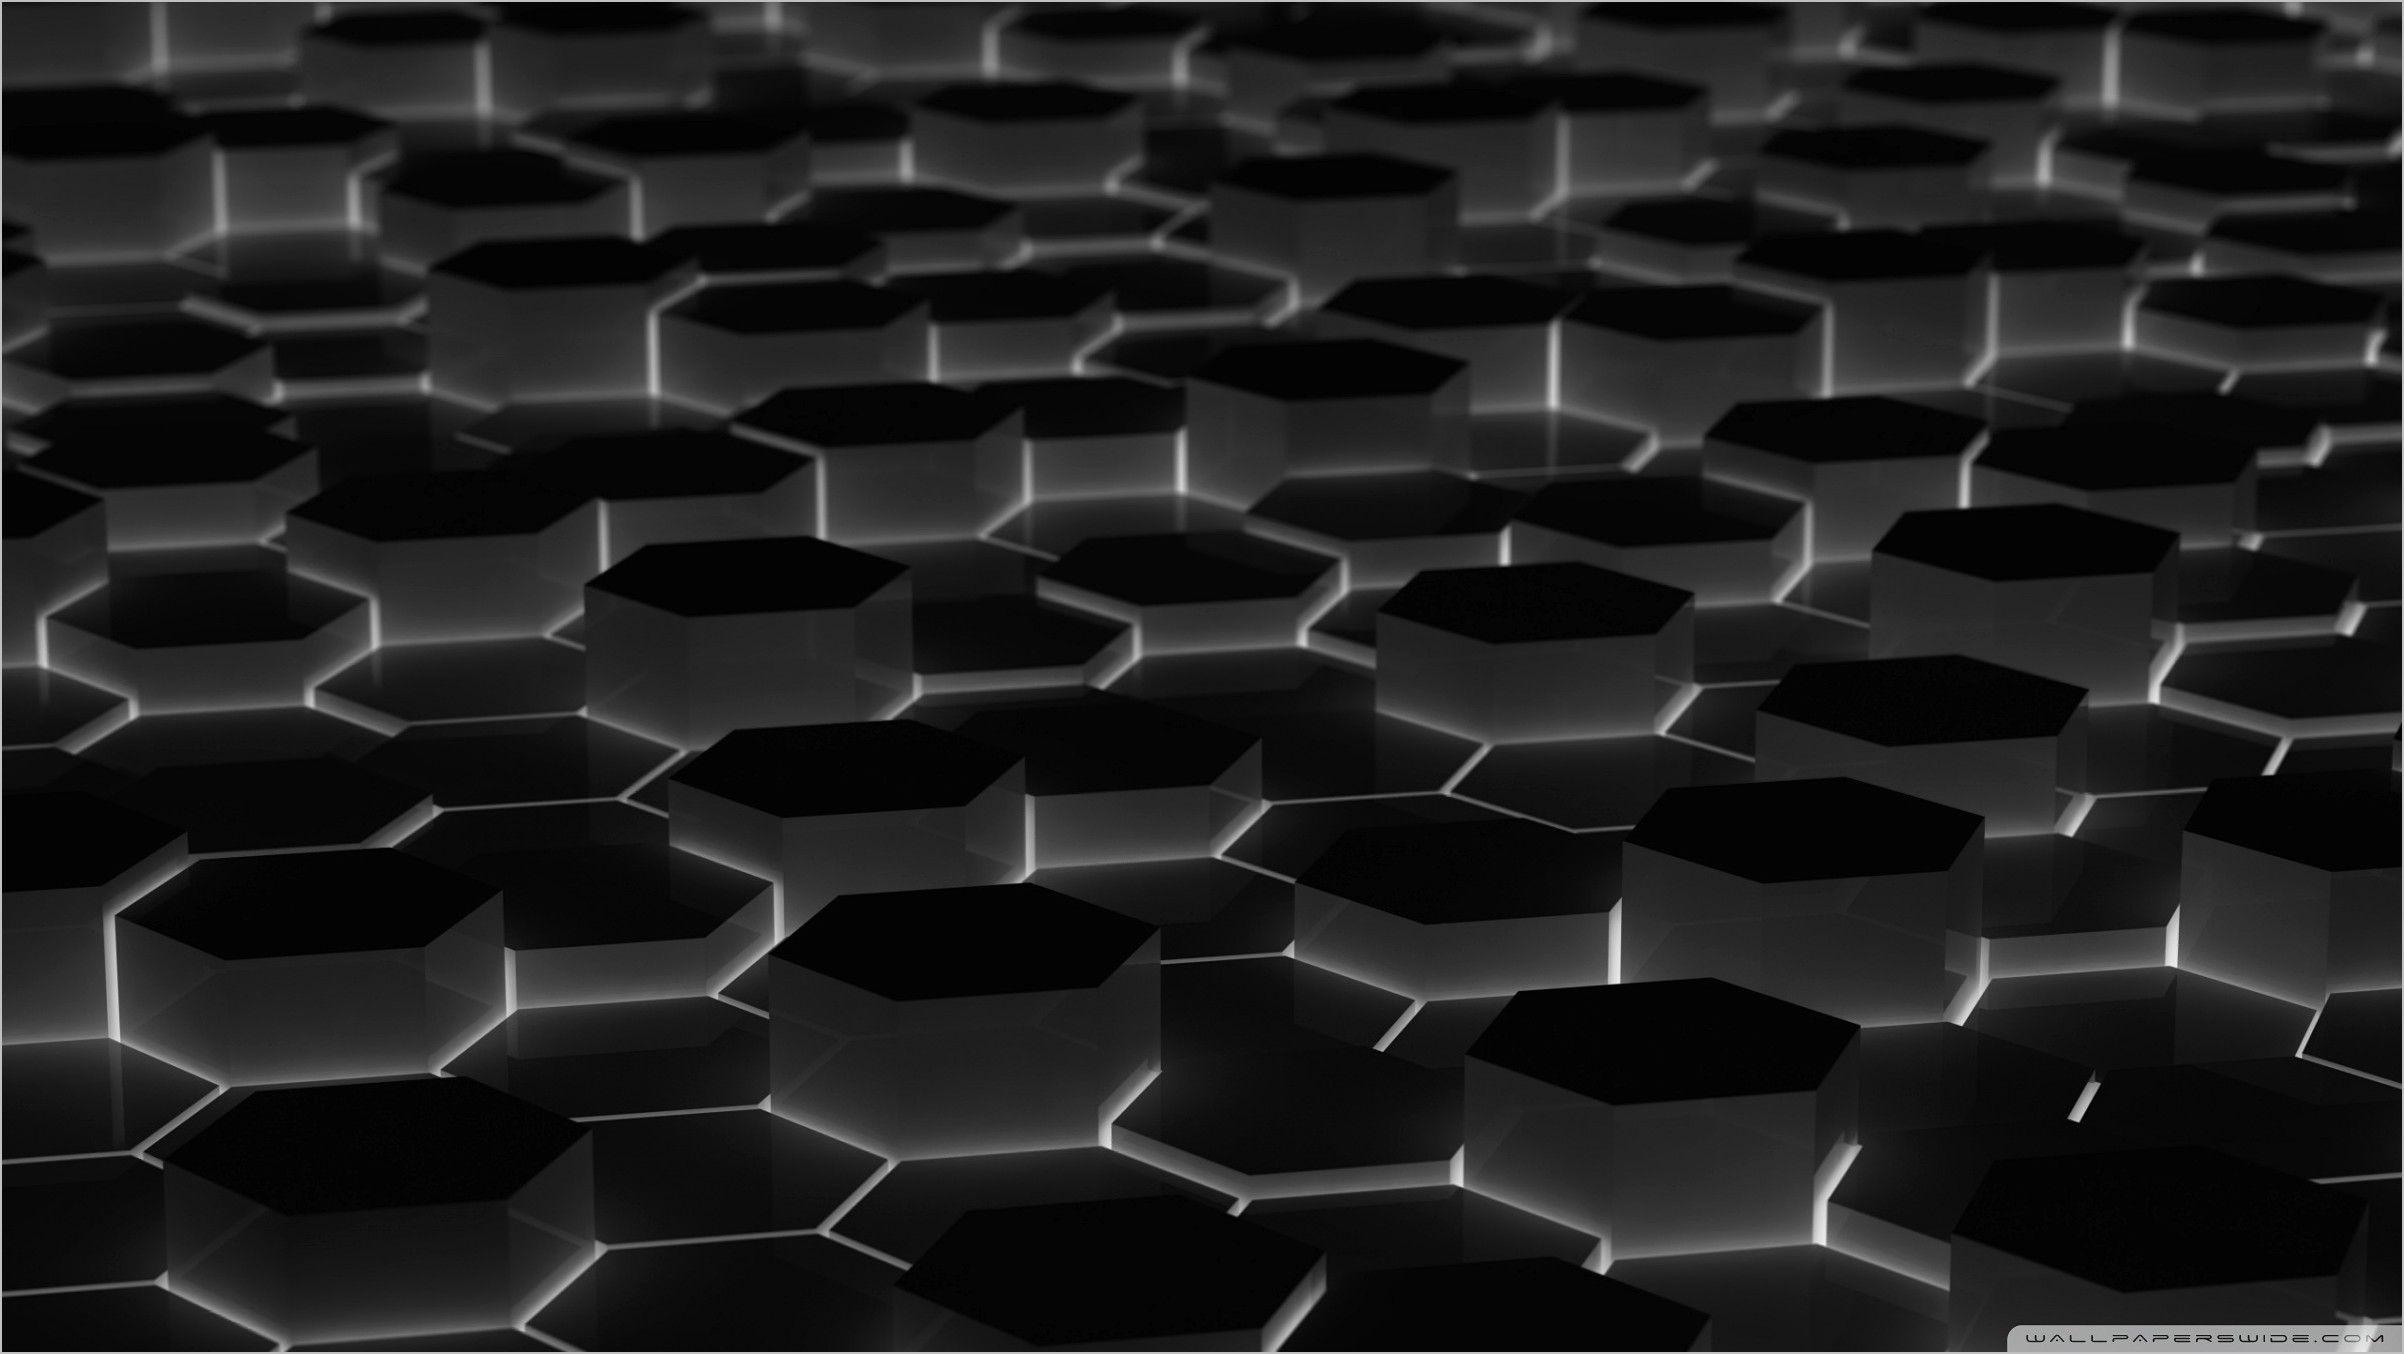 Black Tablet 4k Wallpaper Android Wallpaper Black Black Glitter Wallpapers Black Wallpaper